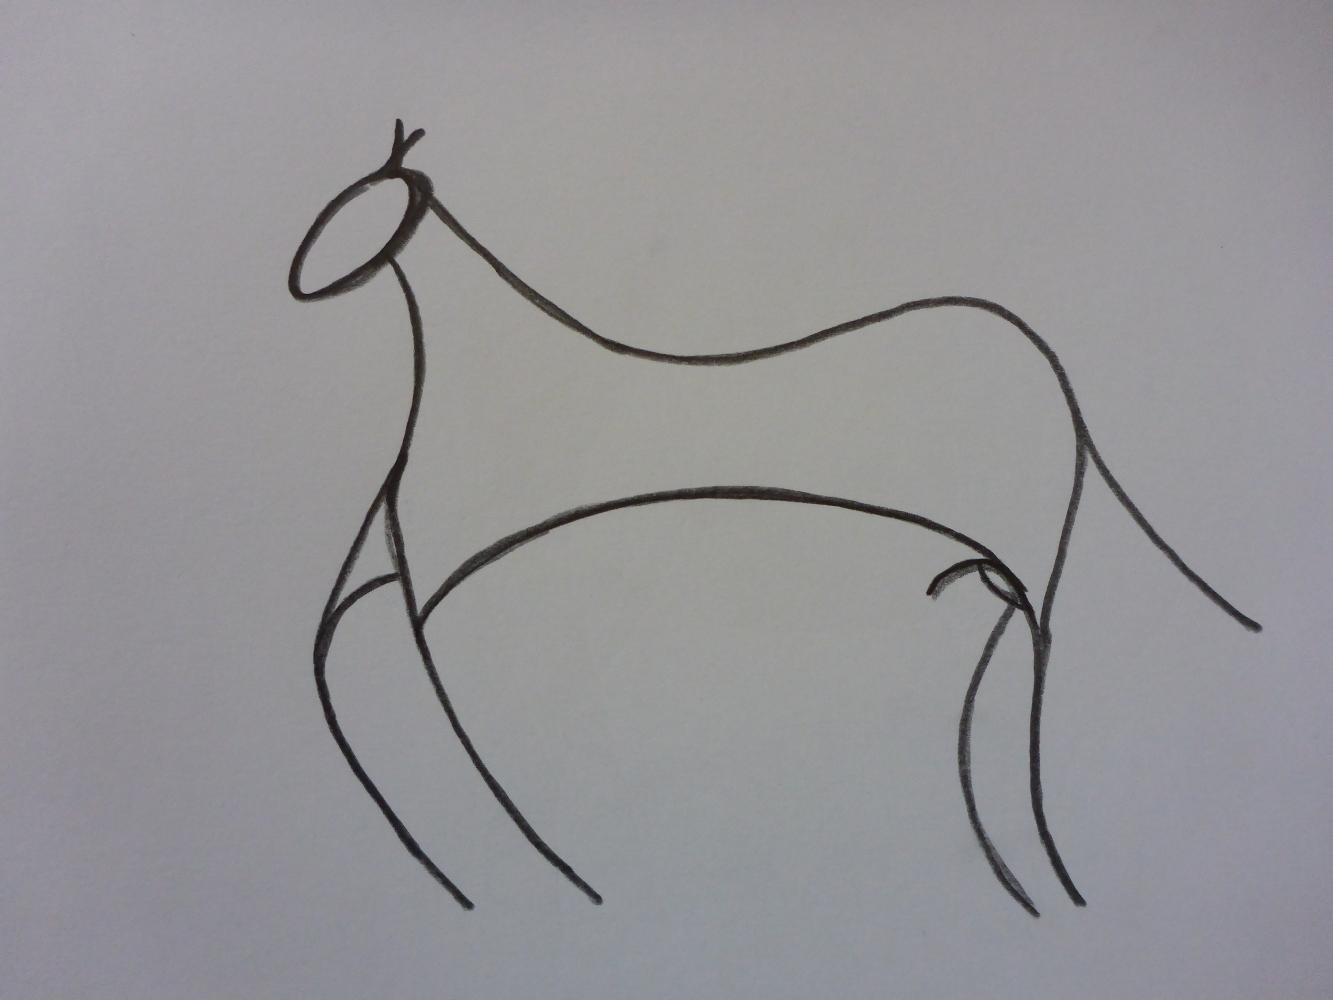 """""""Der Hengst IX"""", 2018, Bleistift auf Papier, 30 x 21 cm"""